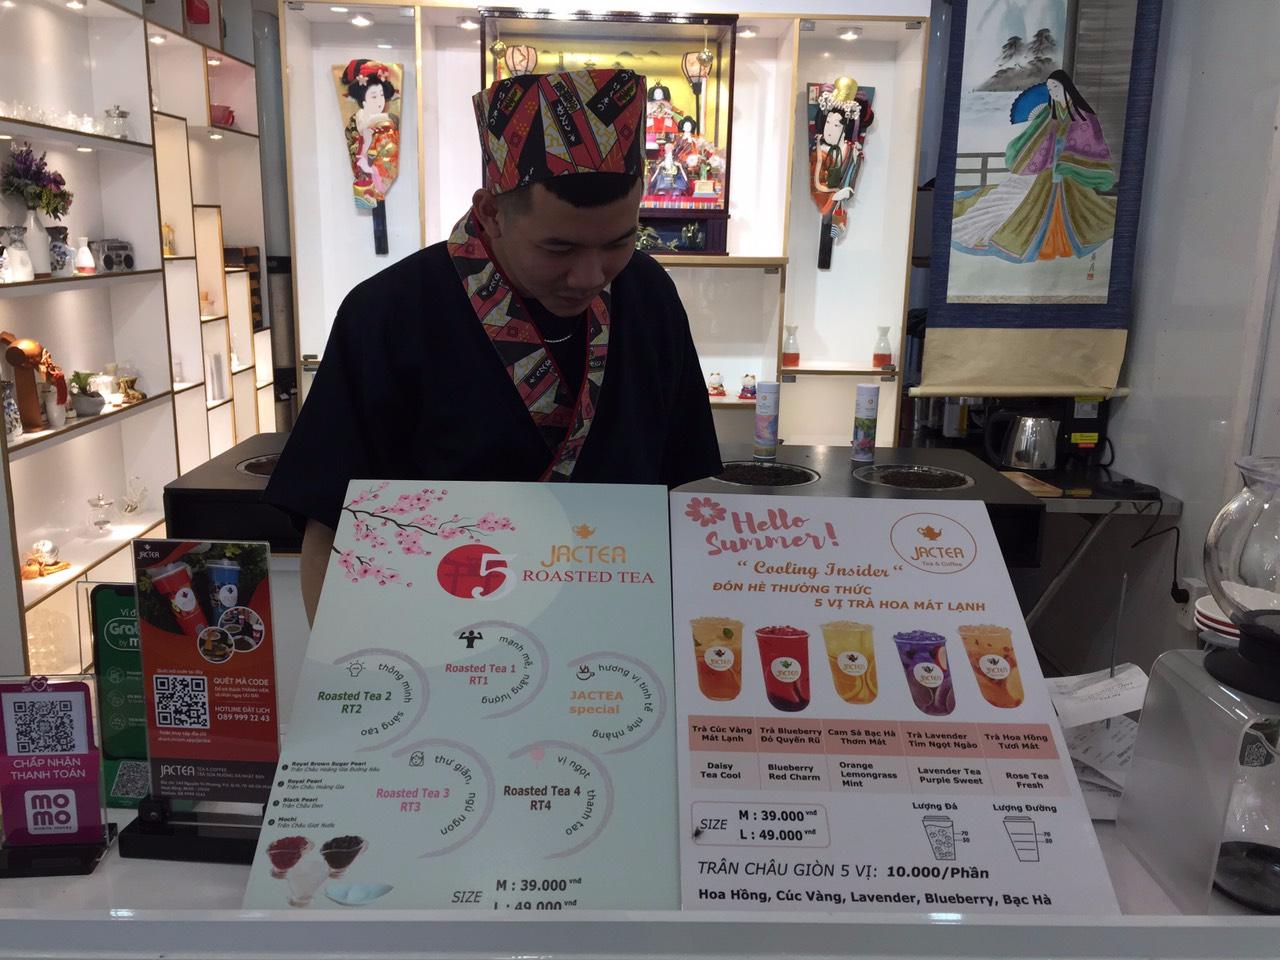 Lạ mắt với trà sữa nướng phong cách Nhật Bản - Ảnh 1.